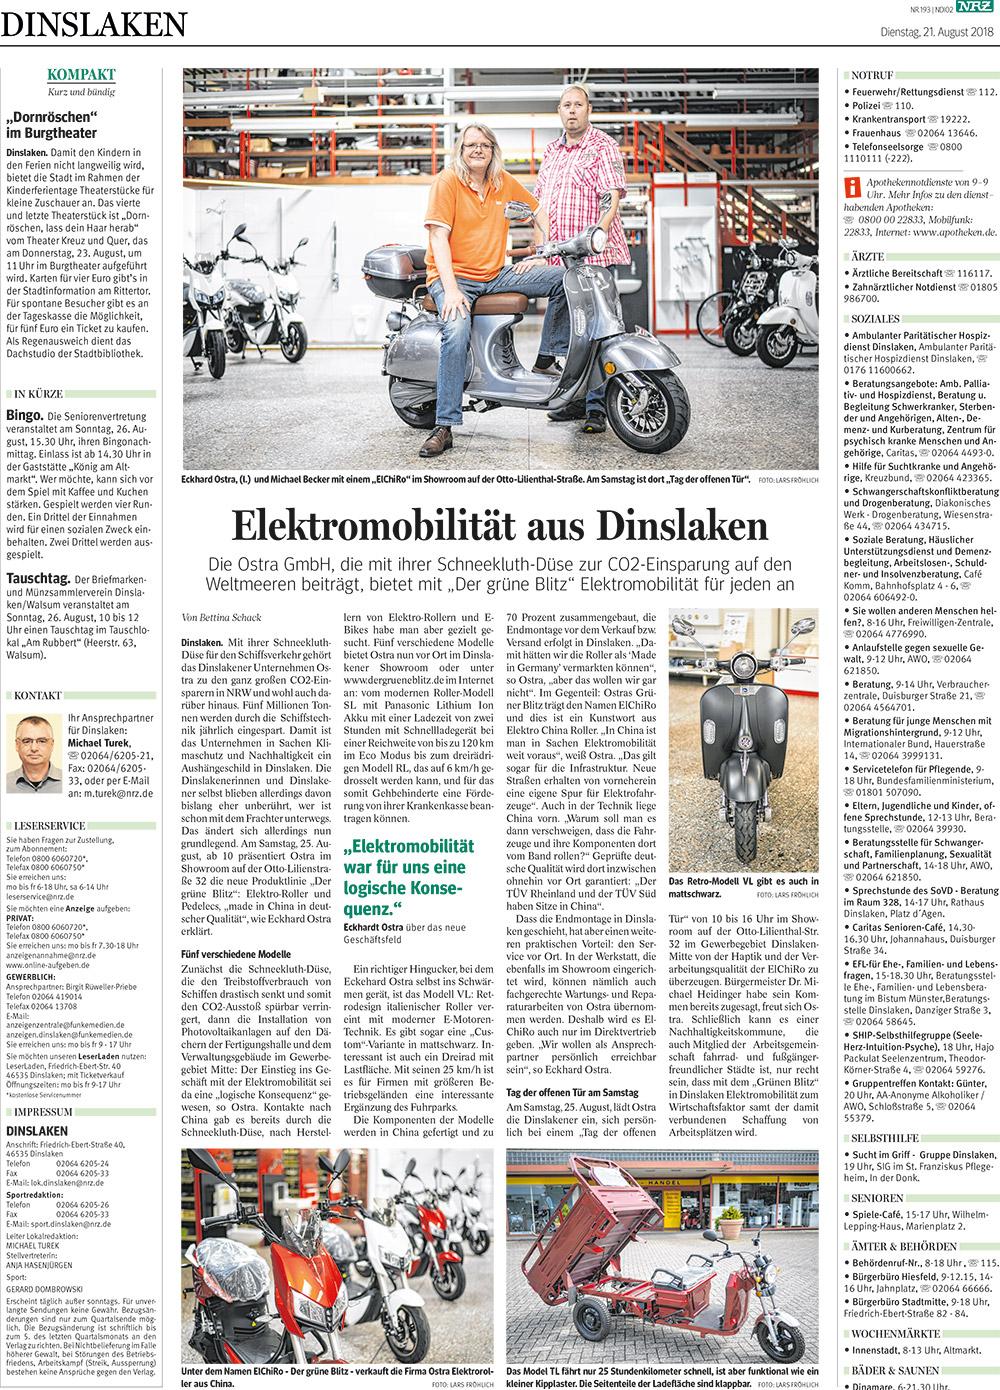 Pressebericht vom 21. August 2018